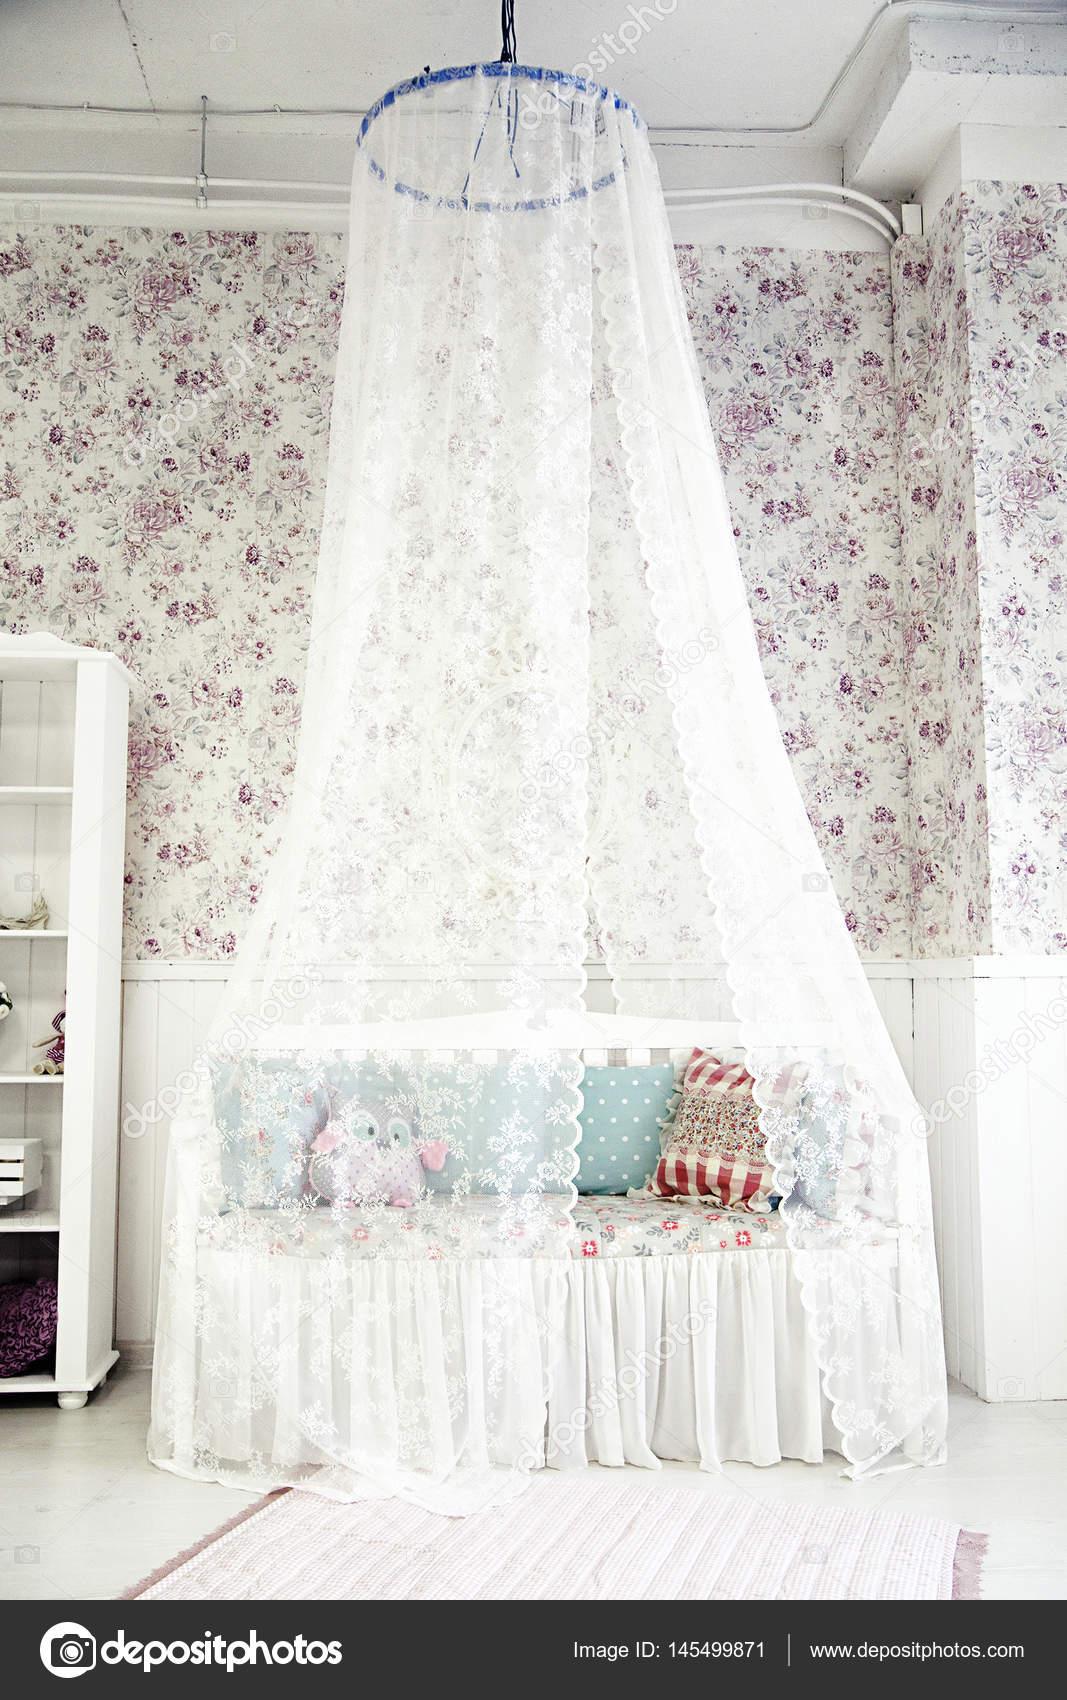 Kinderzimmer Mit Einem Bett Und Einem Baldachin Stockfoto